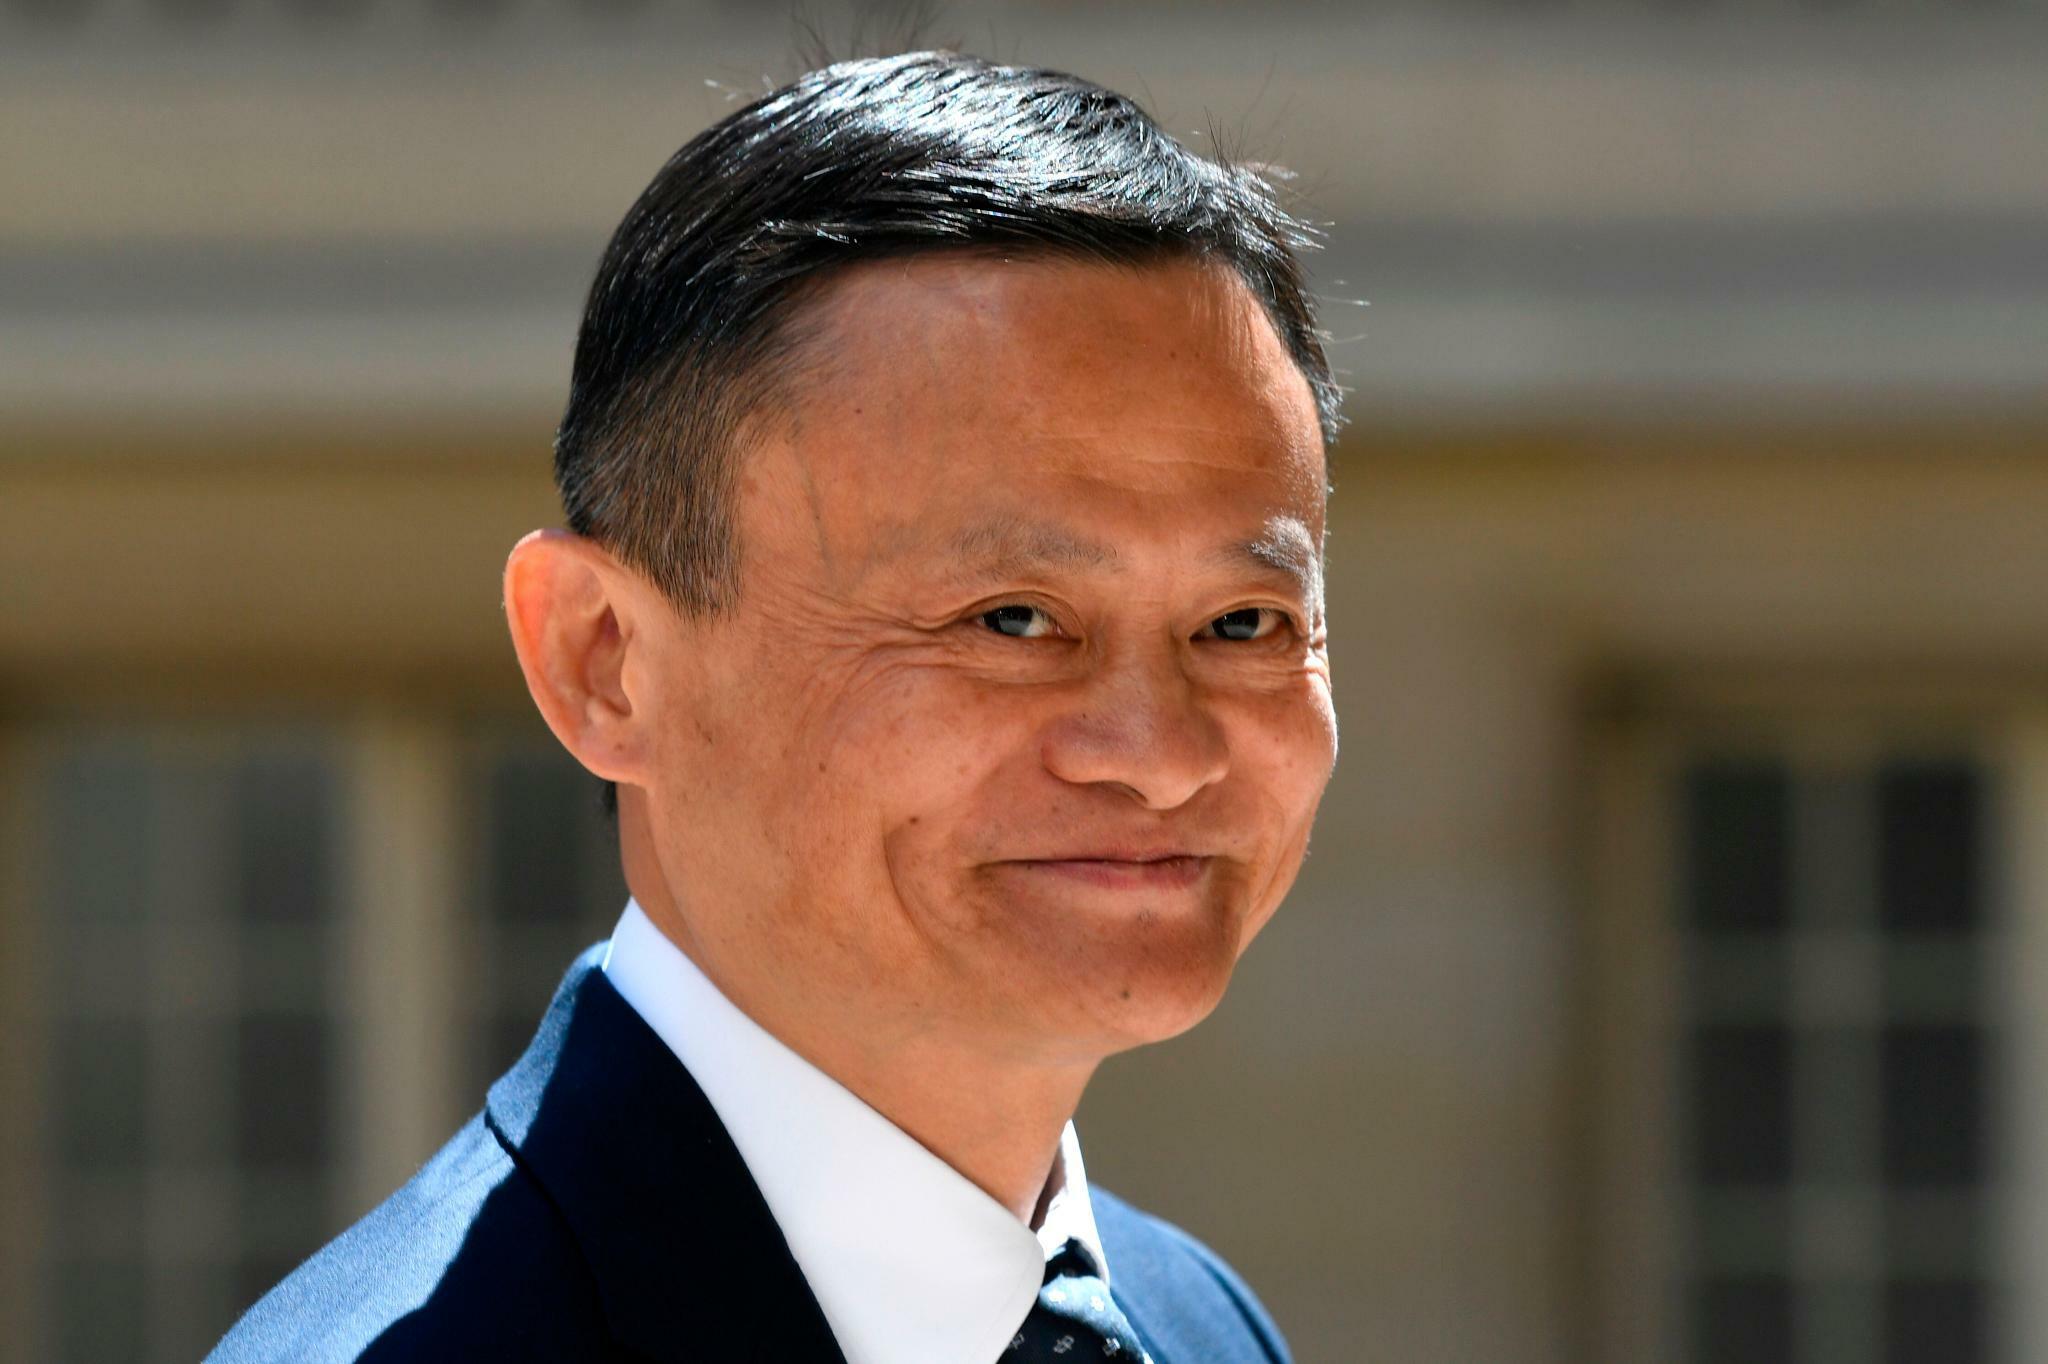 Alibaba: Jack Ma hält Zwölf-Stunden-Woche für möglich